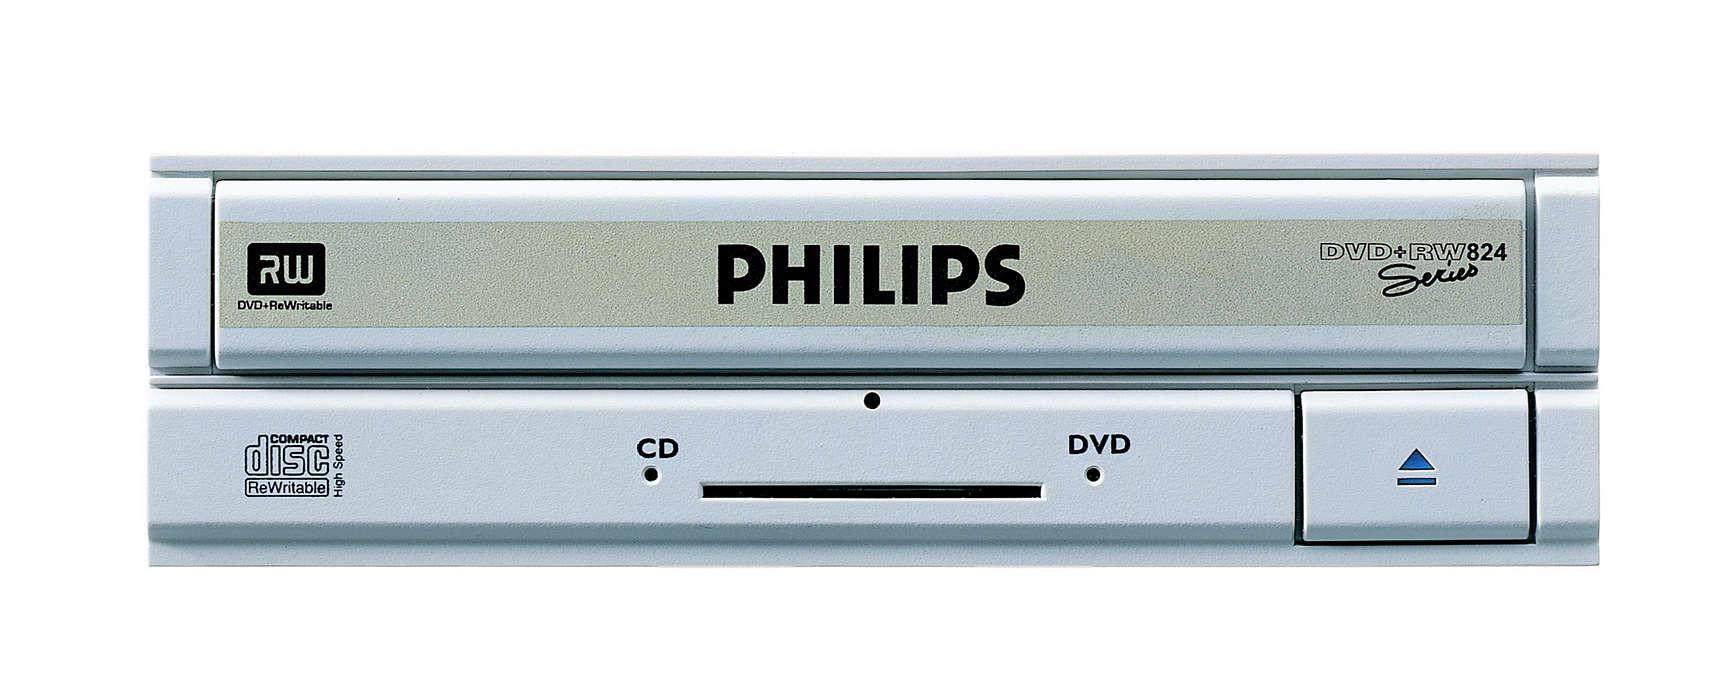 Създавайте ваши собствени DVD със светкавична скорост